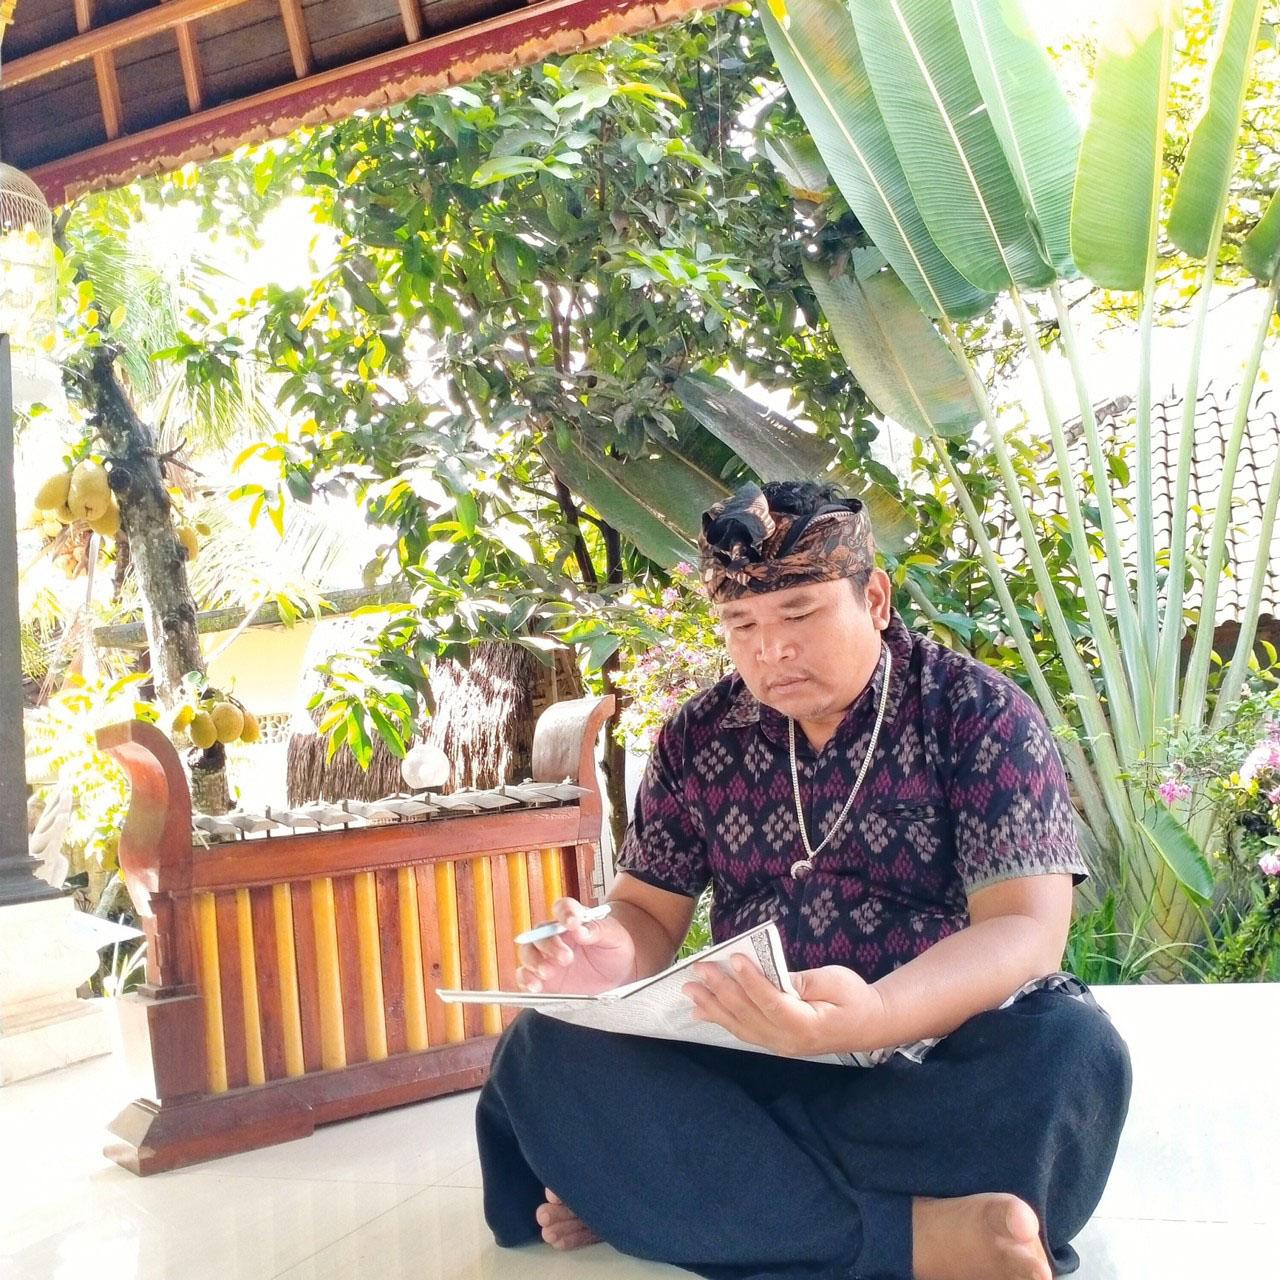 バリ島をバーチャルで観光大好きバリの拠点、バリ島マス村のユダ村長による「バリヒンドゥー暦による生年月日占い」